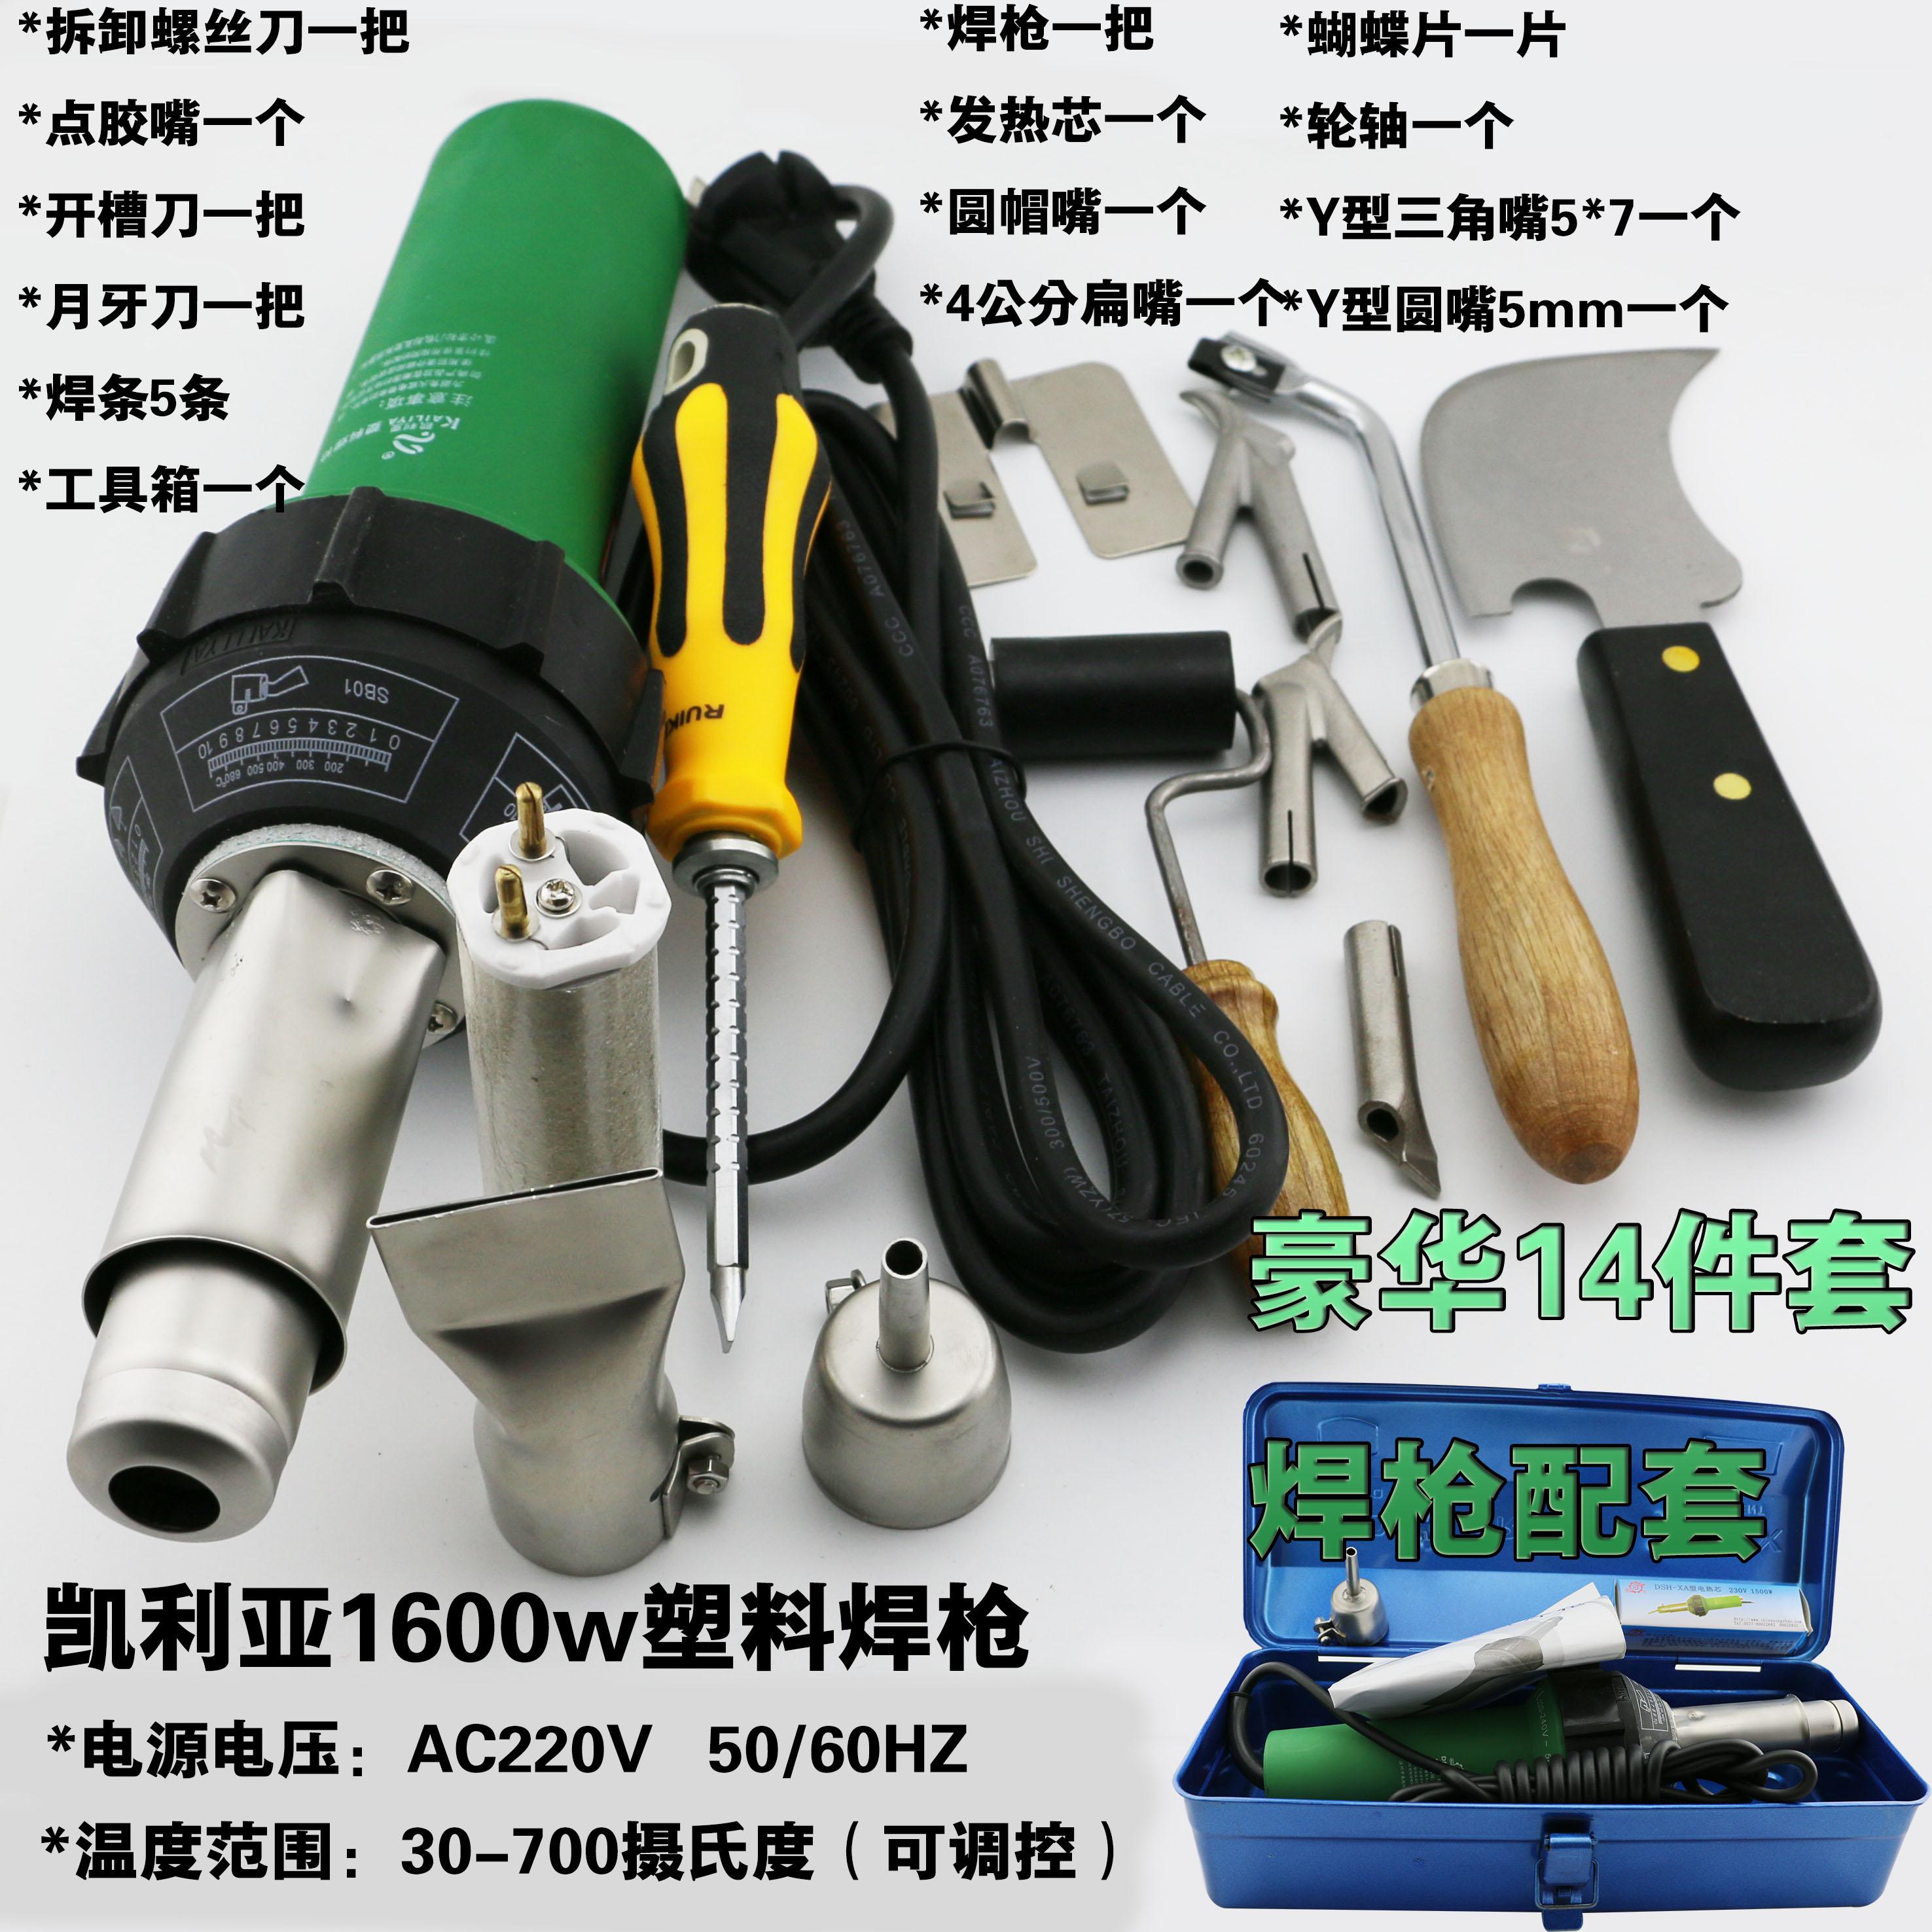 凯利亚进口材质塑料焊枪1600W 一体式PVC PP PPR 塑料地板焊接枪